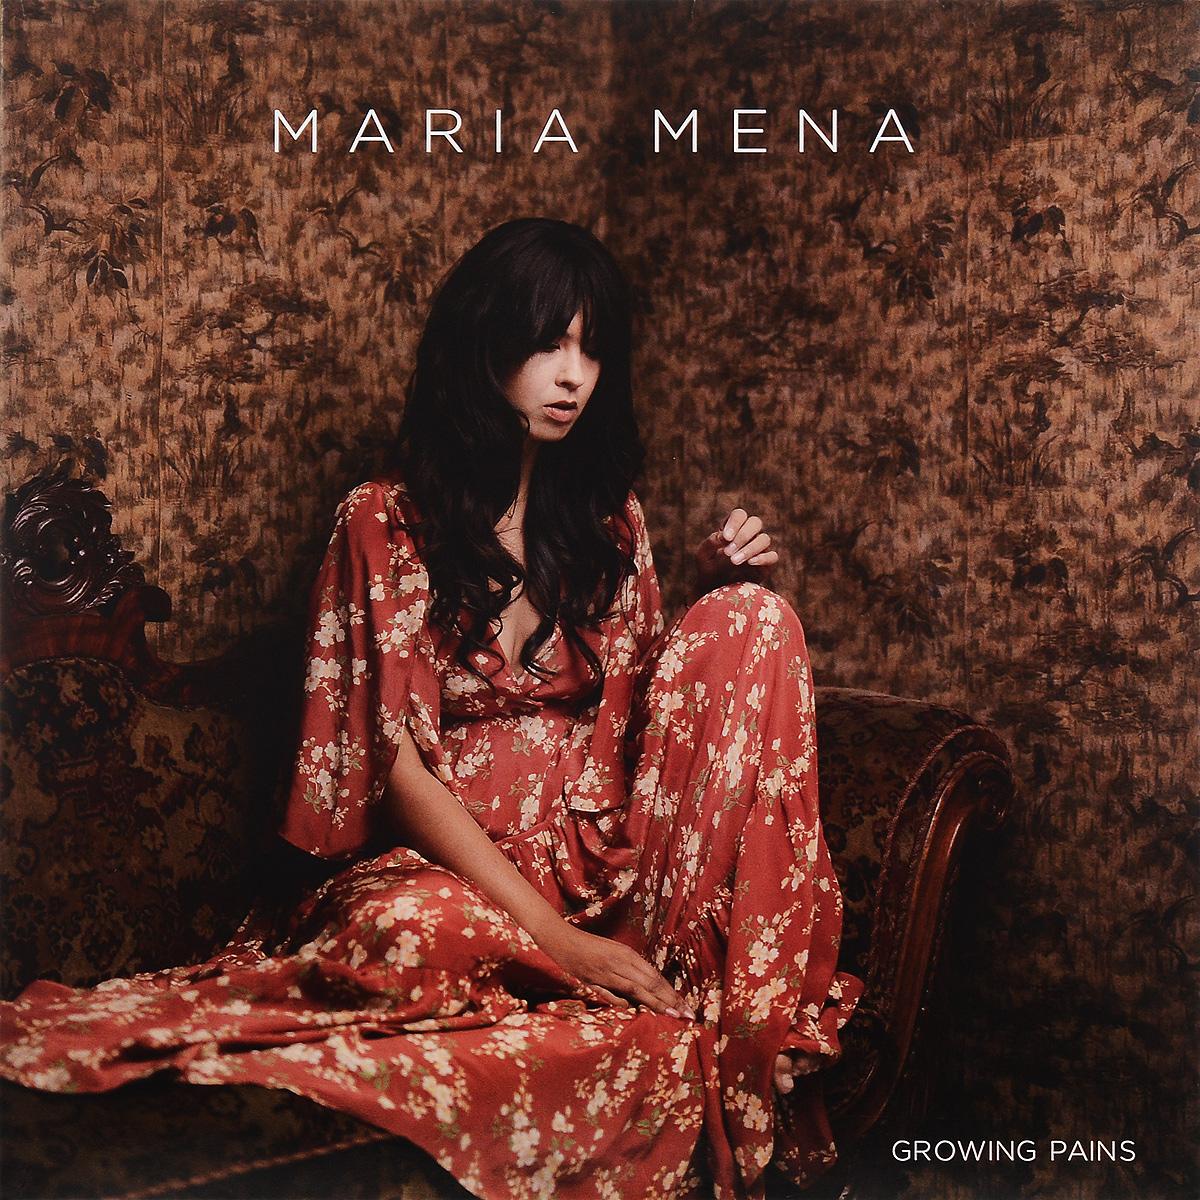 Maria Mena. Growing Pains (LP)